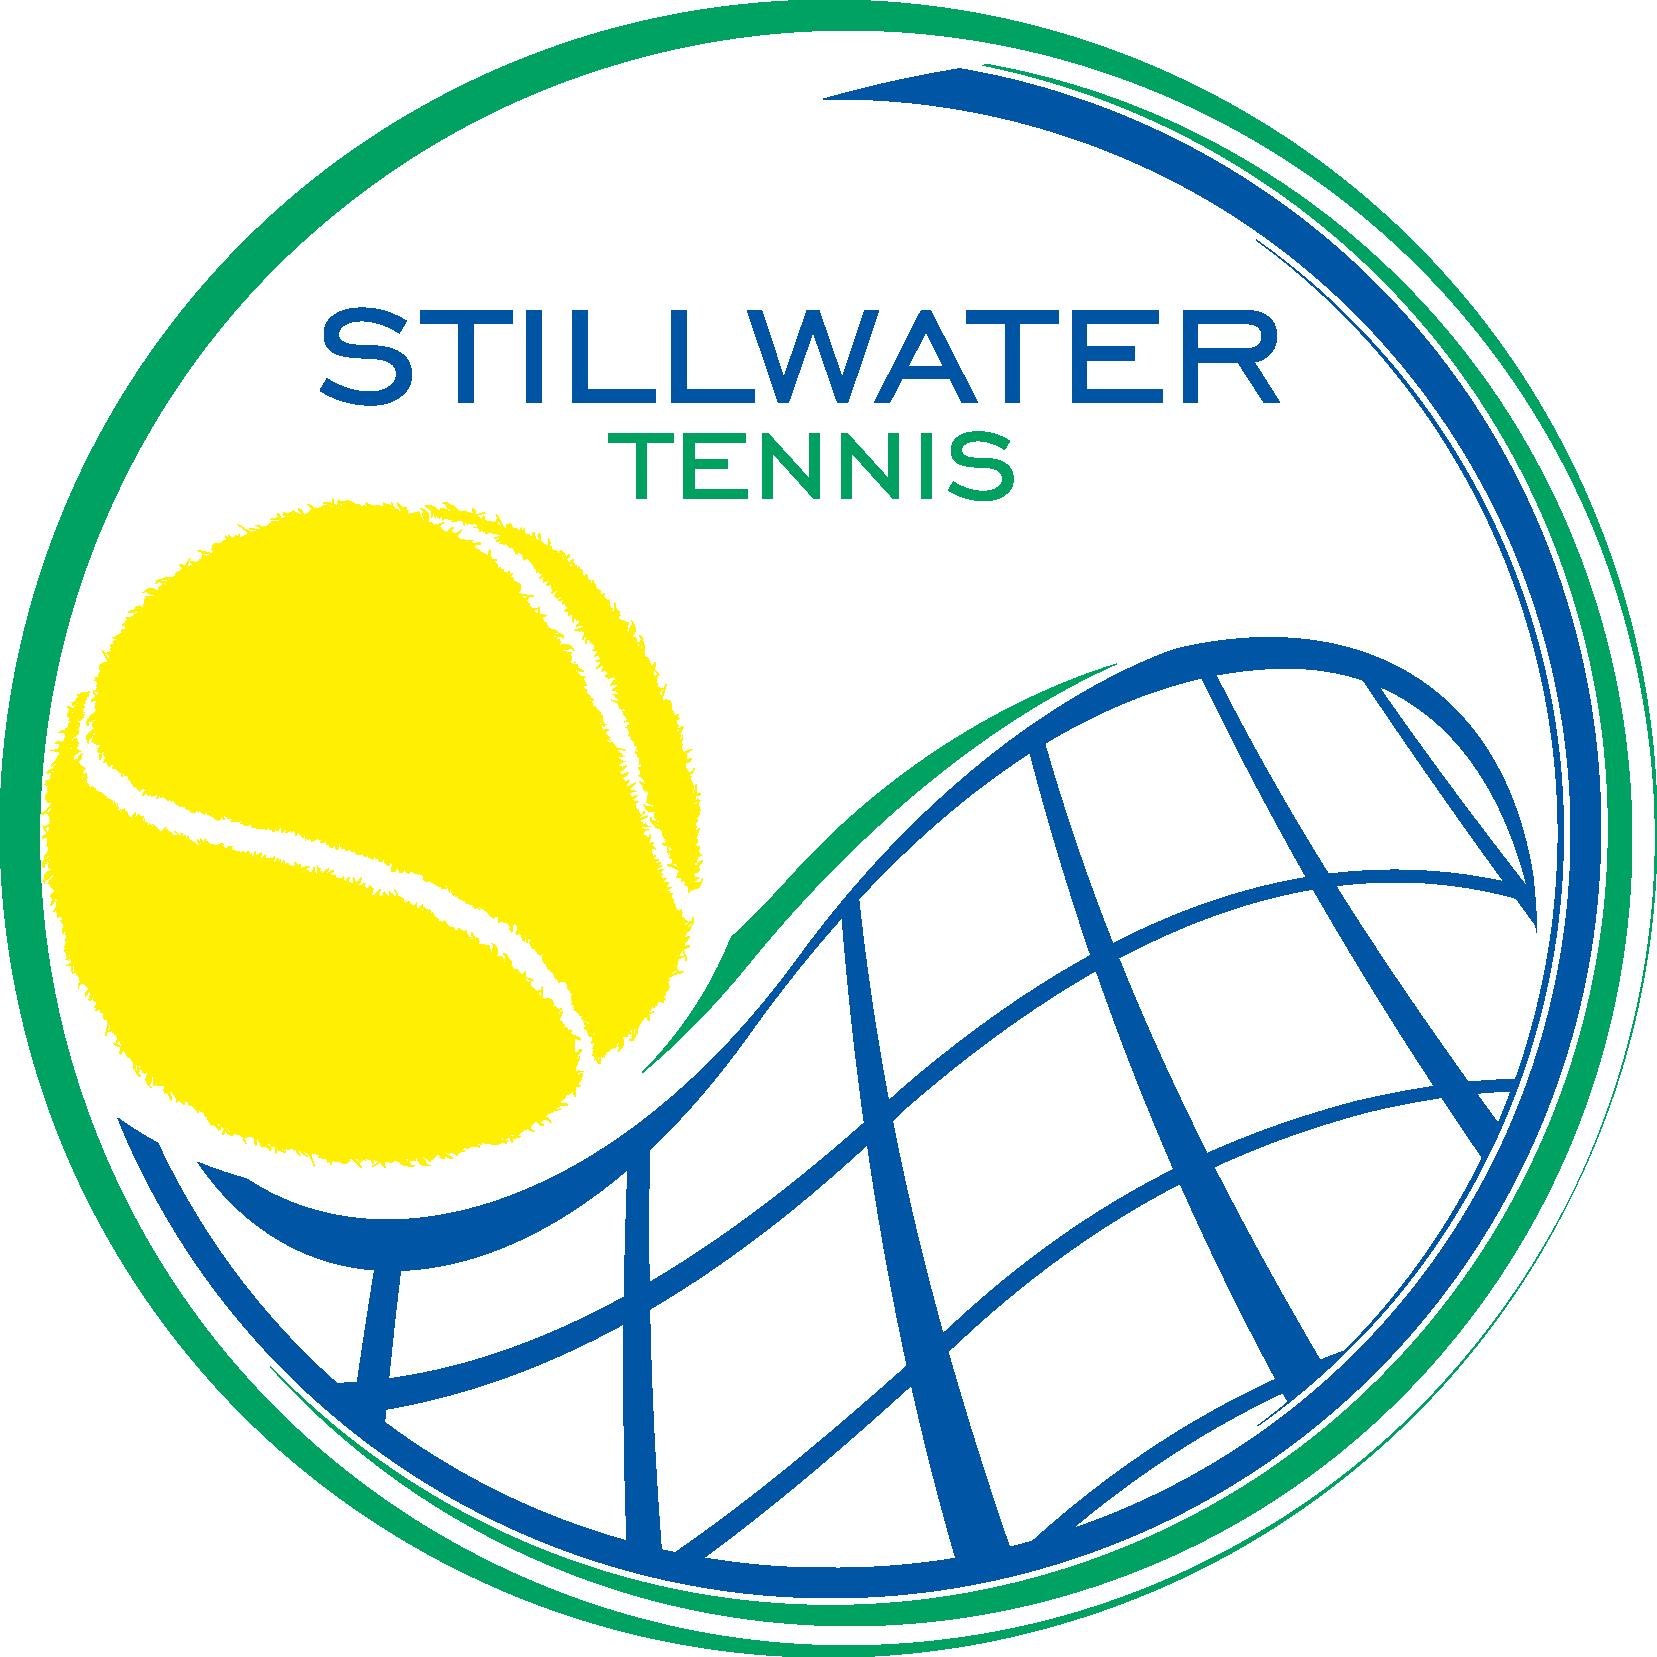 Stillwater Couples Mixer